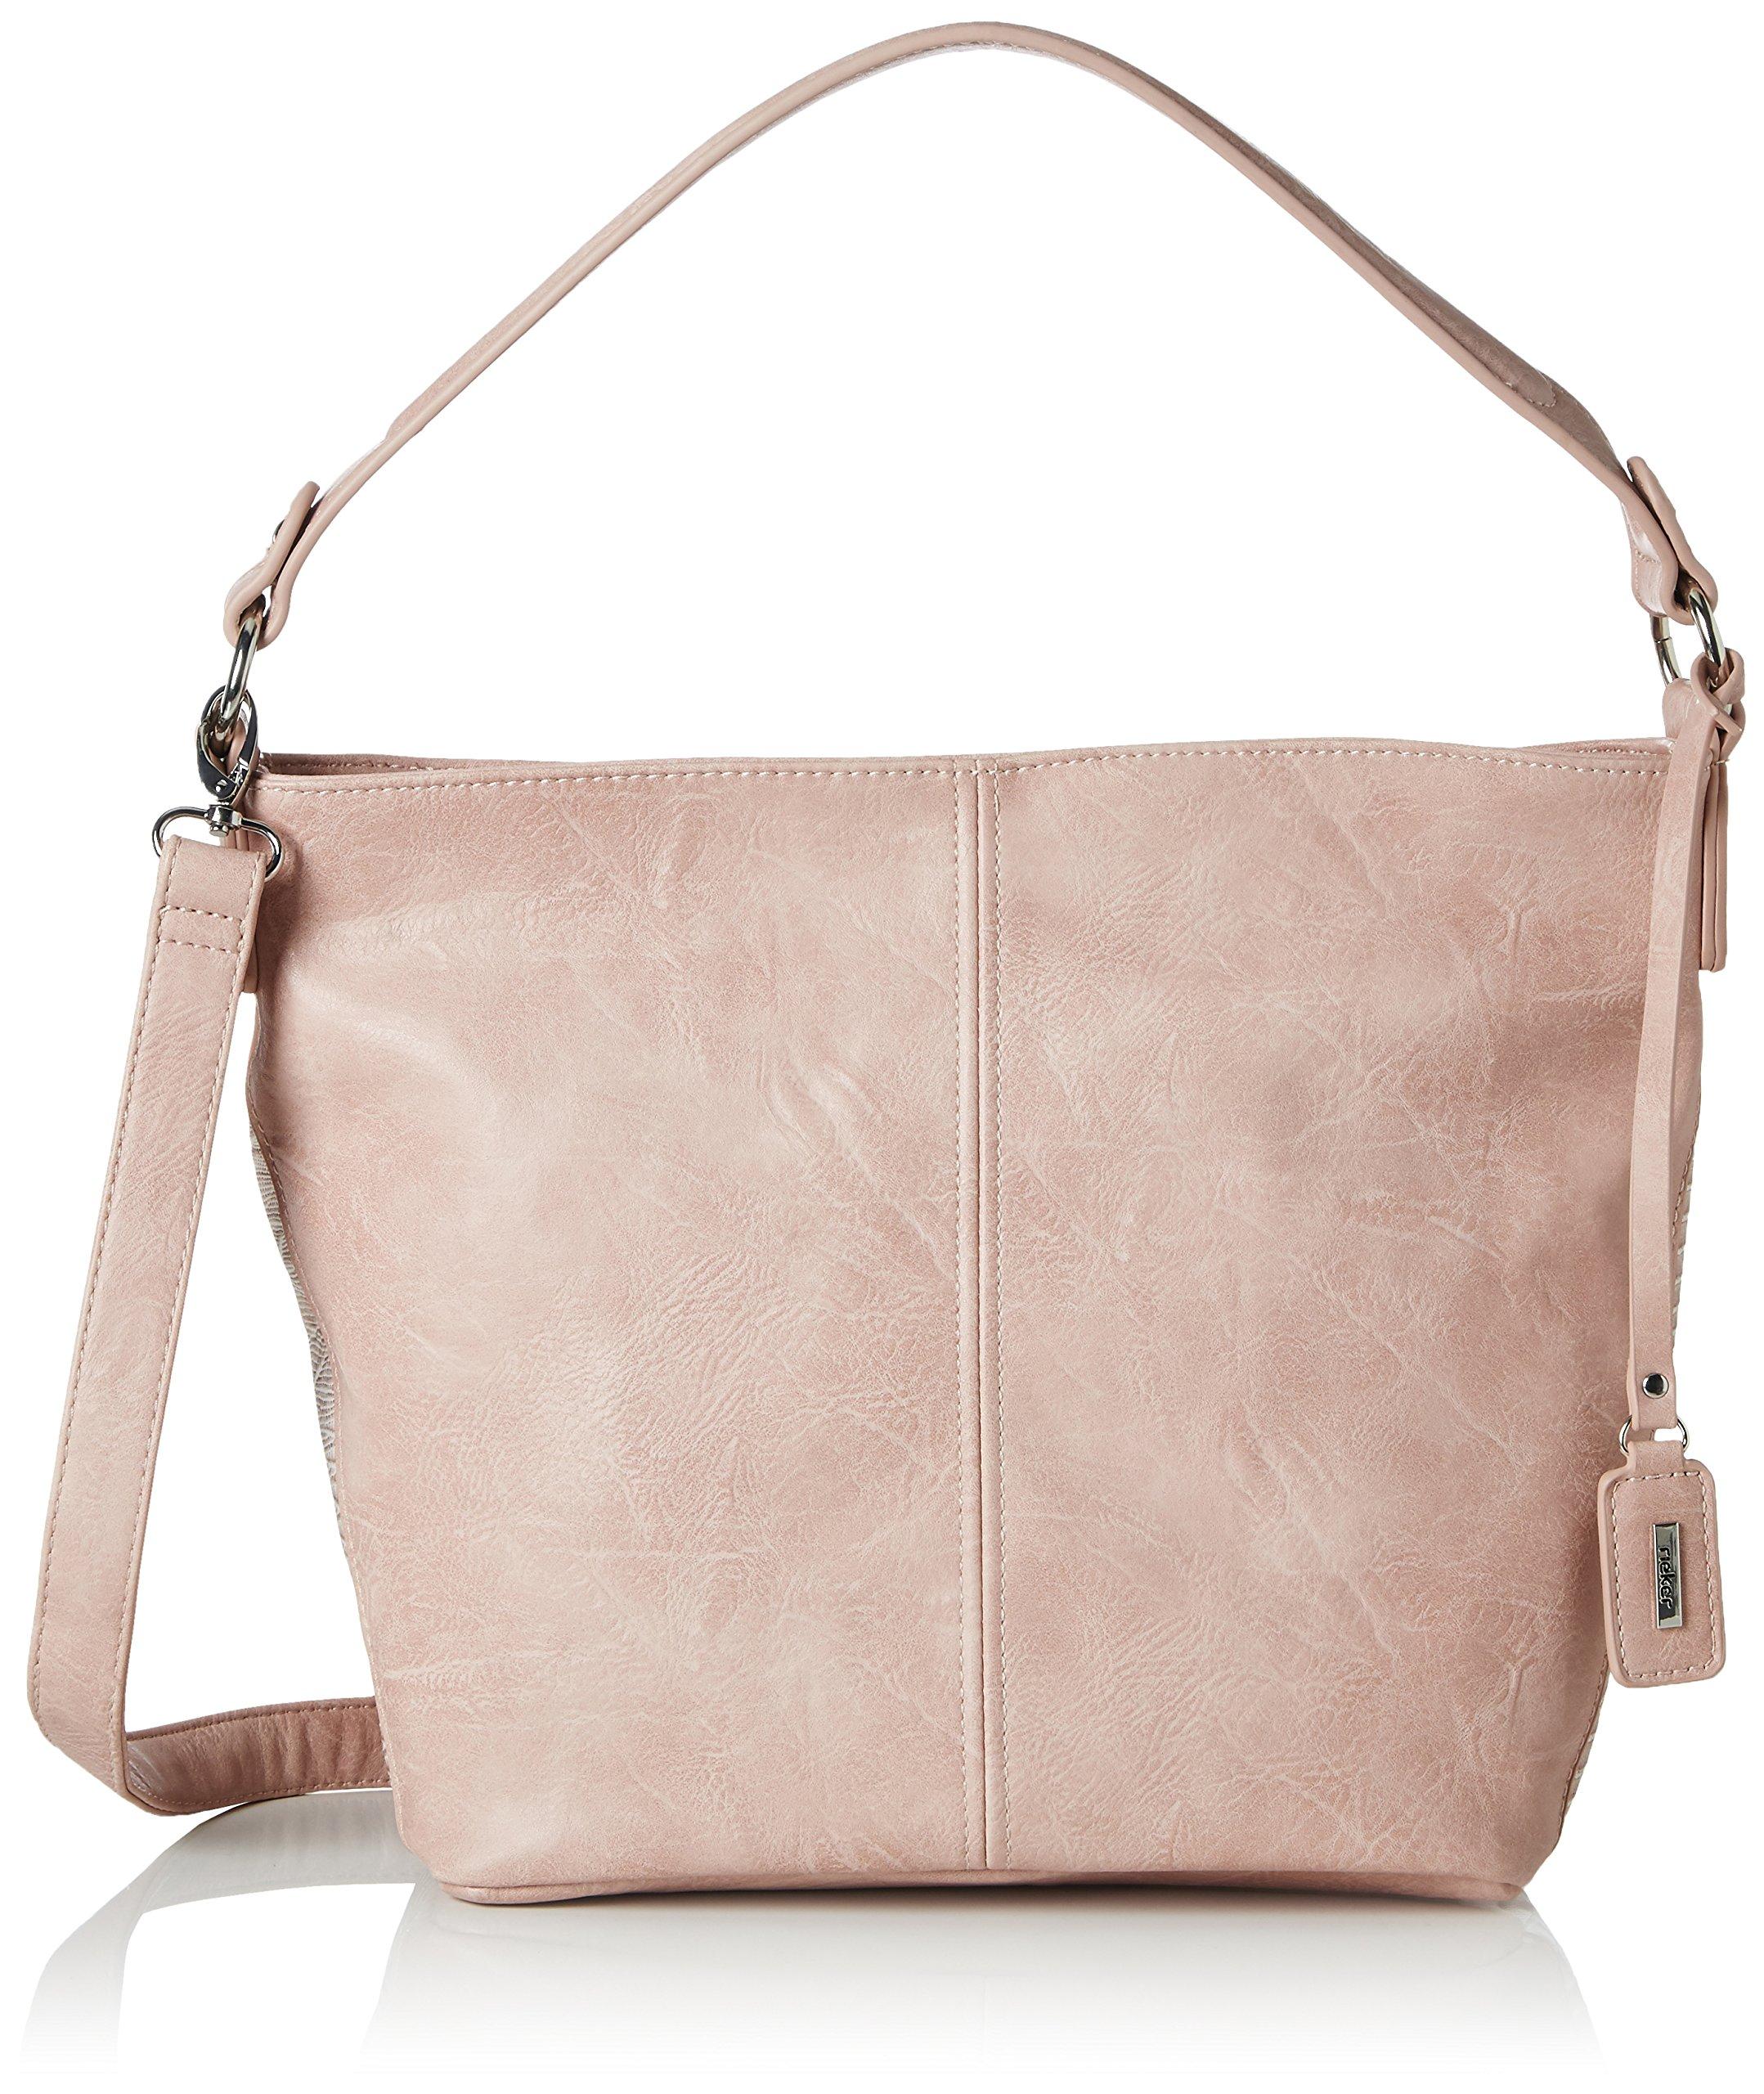 Rieker Womens Bag Pink Size 0.5 EU